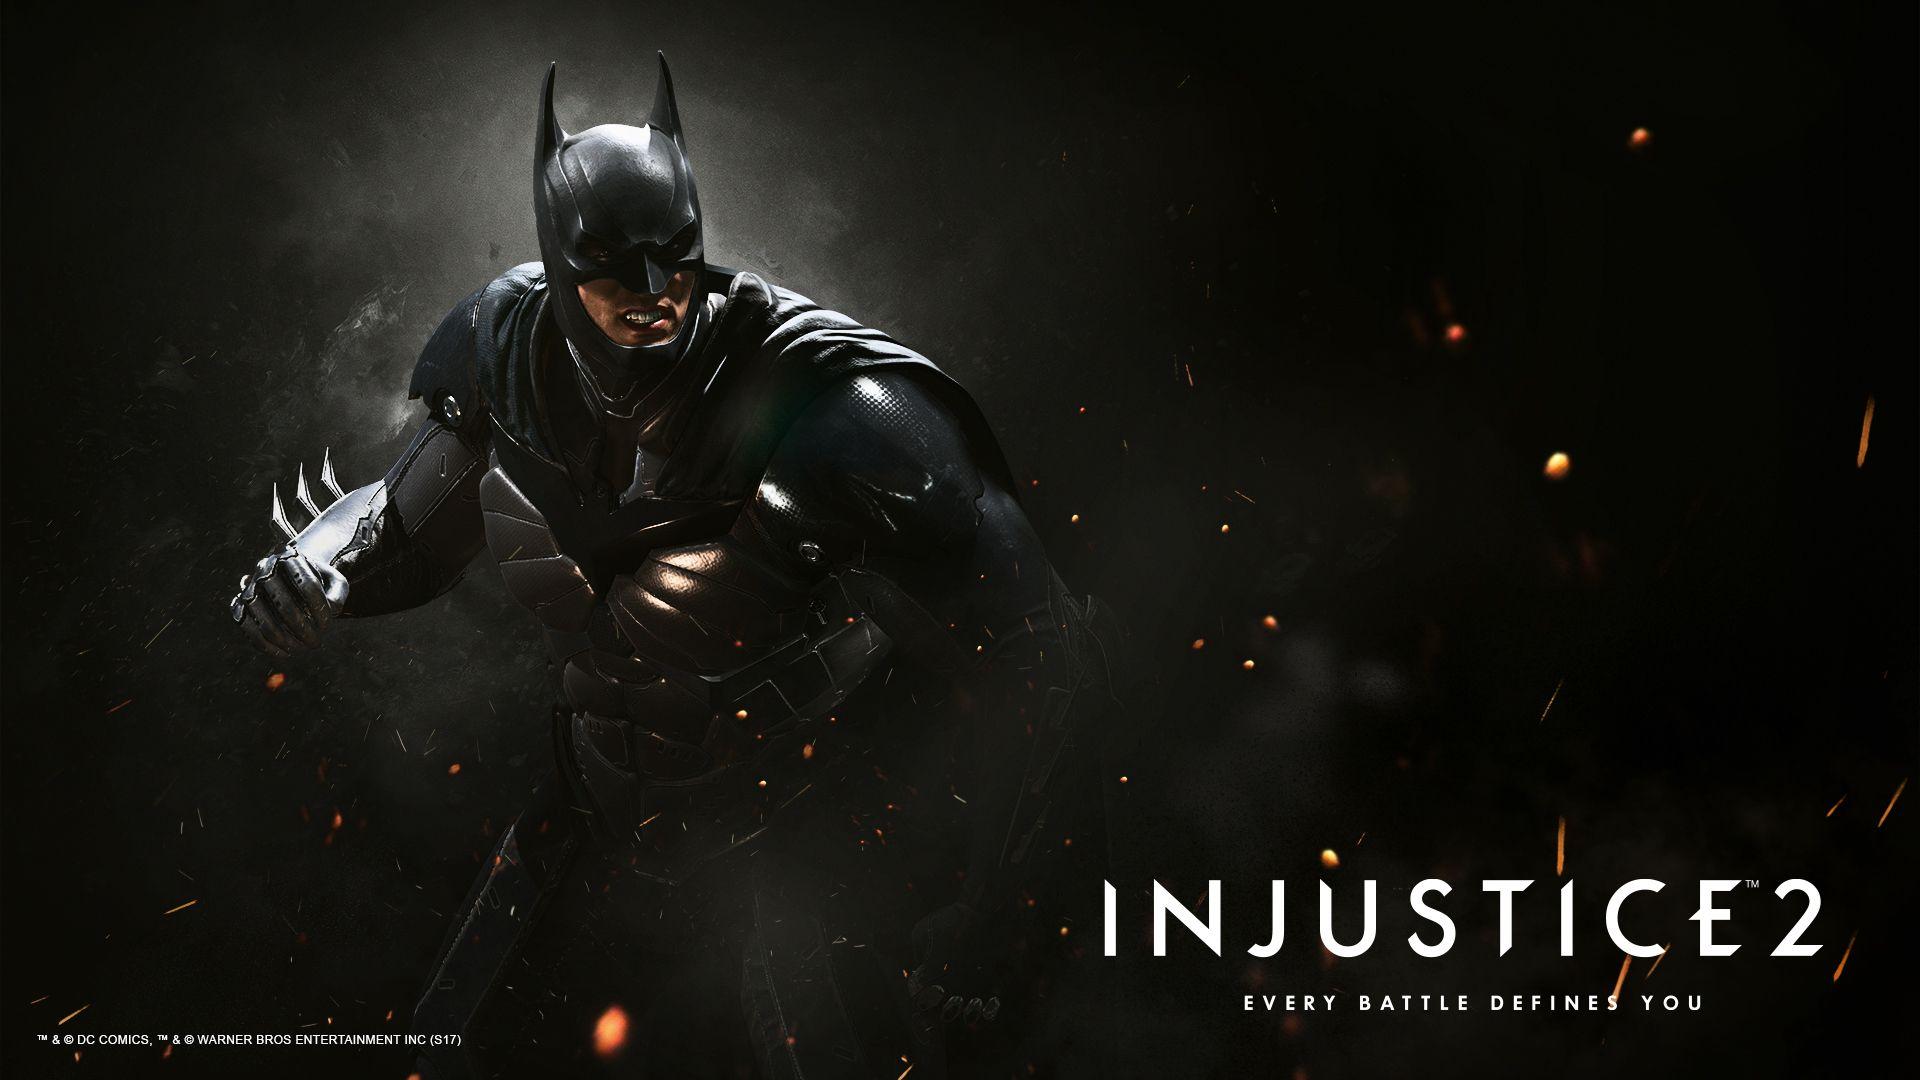 Batman Injustice 2 Wallpaper 0001